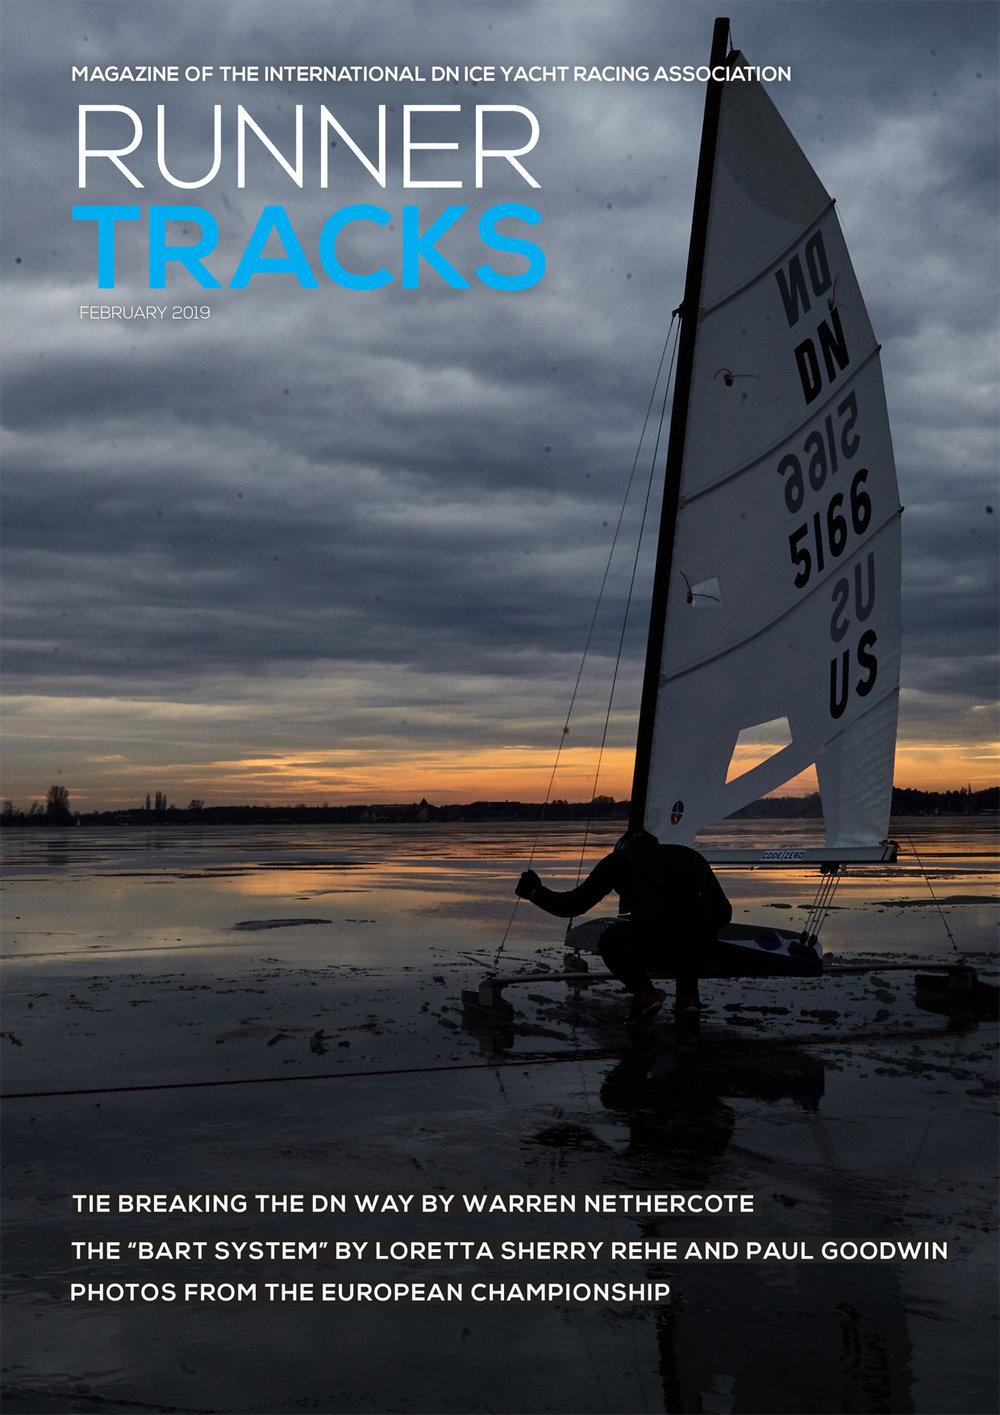 Runner-Tracks-February-2019-1240.jpg